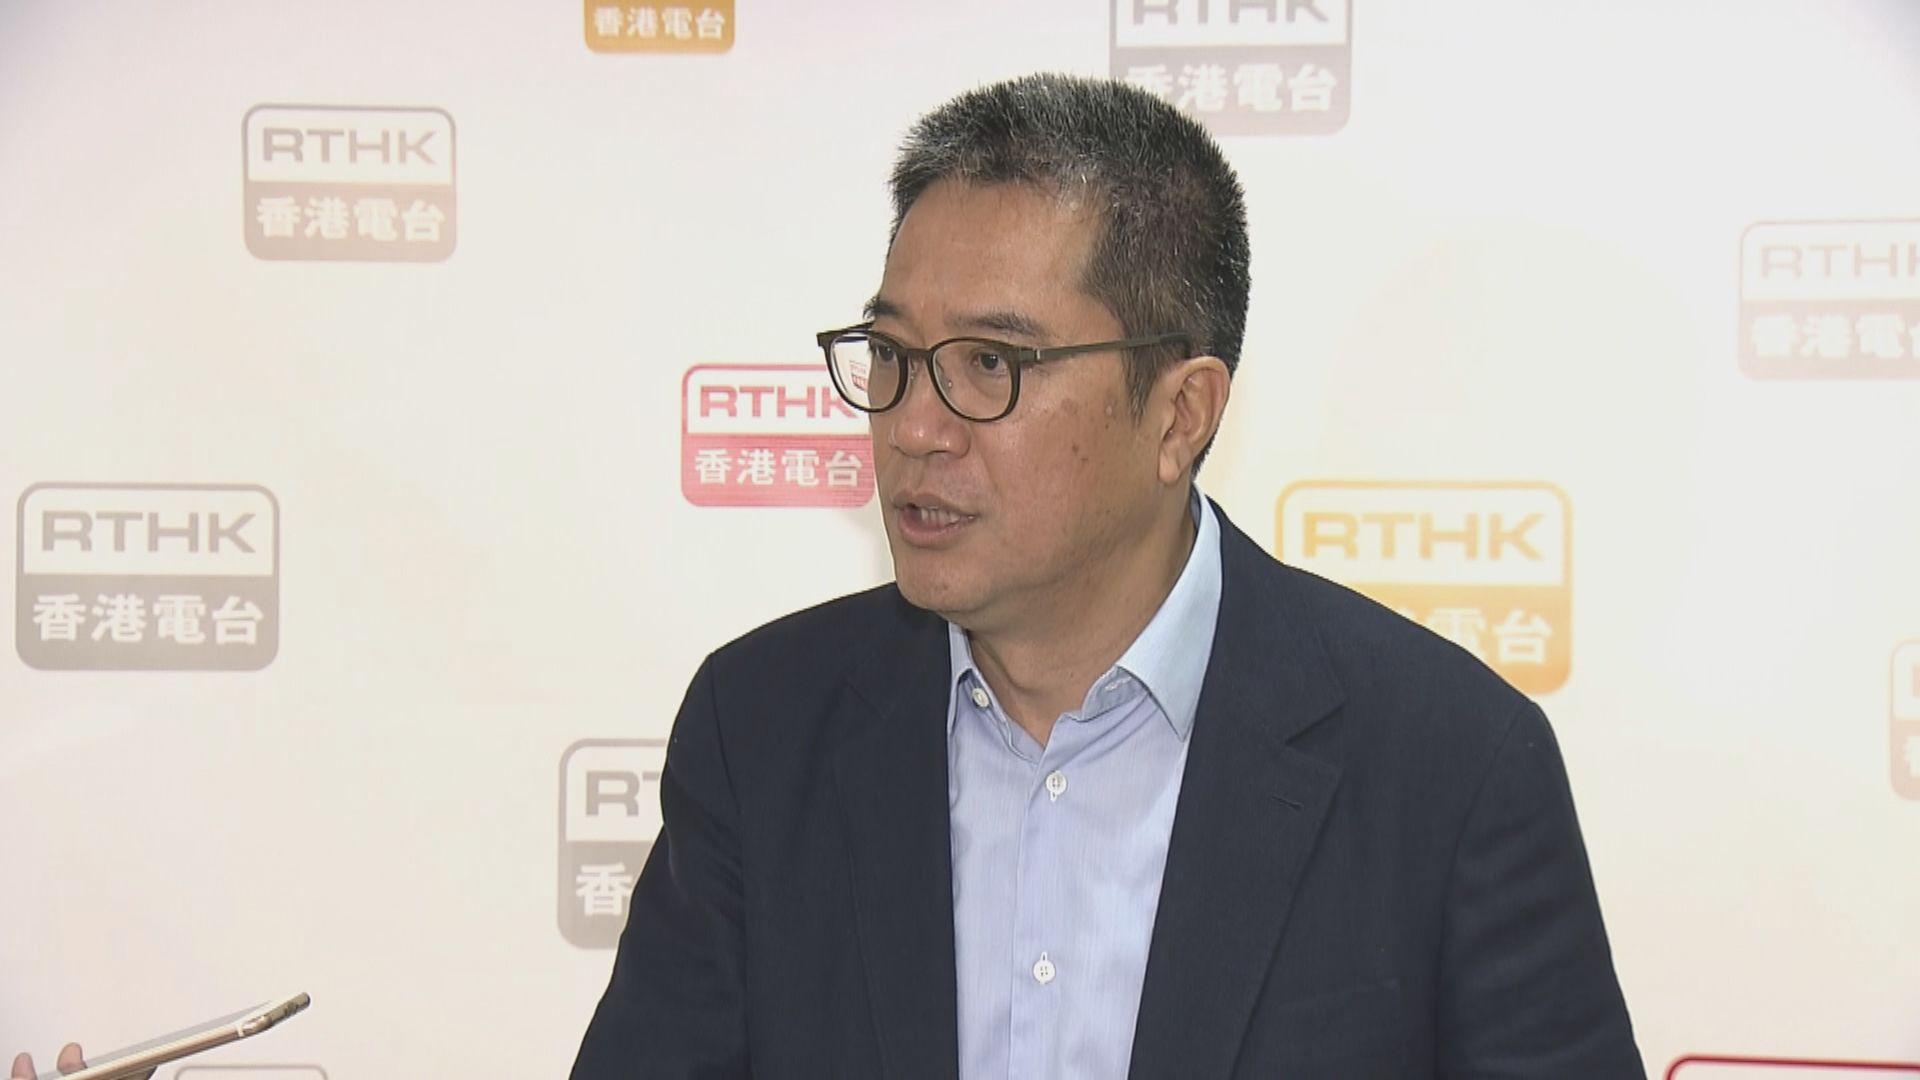 黃偉綸:不會再花時間討論其他選項